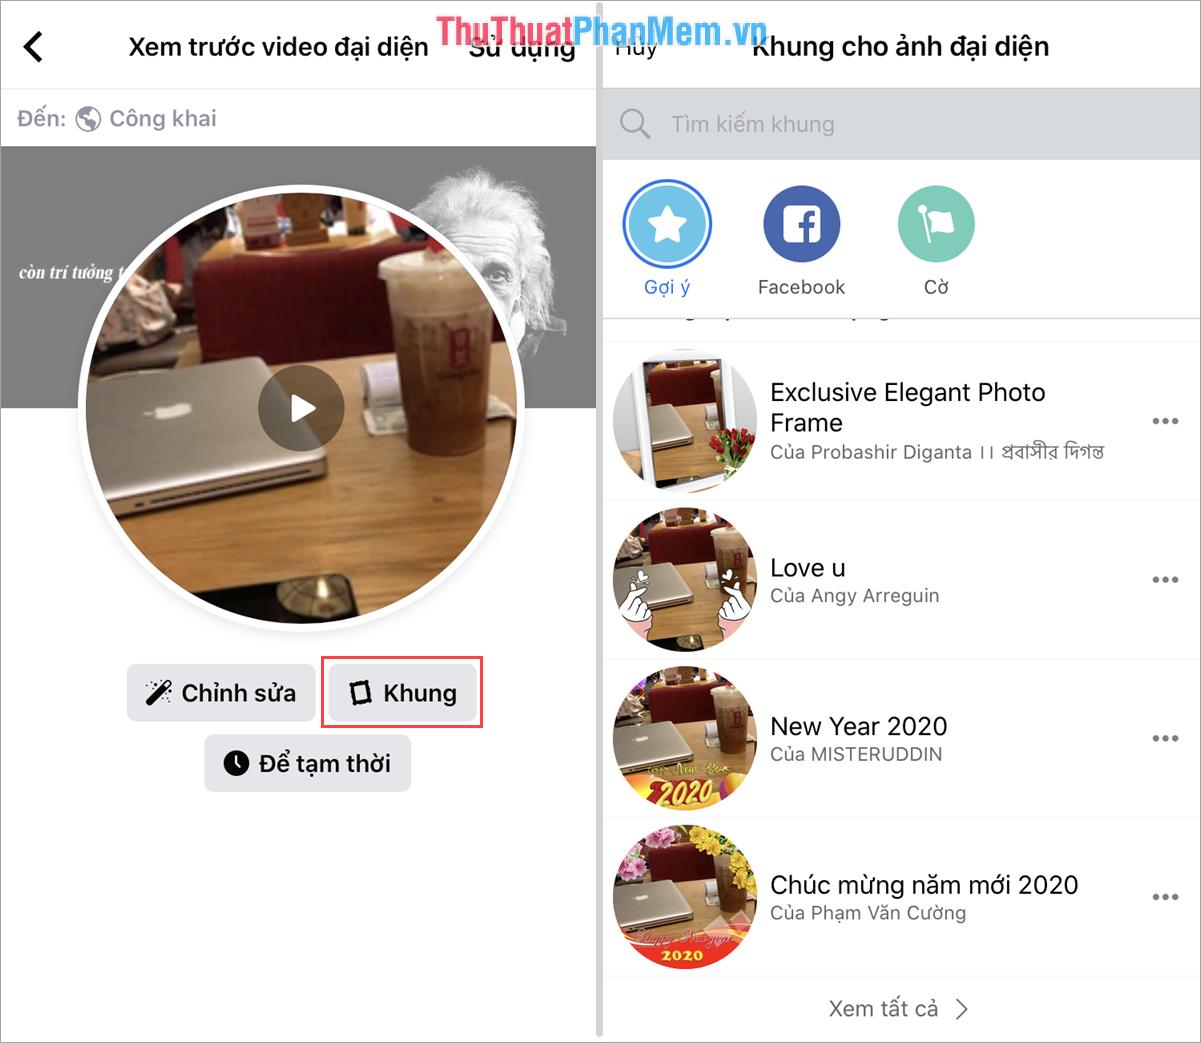 Chọn thẻ Khung để chọn khung ảnh cho Video thêm sống động và đẹp hơn